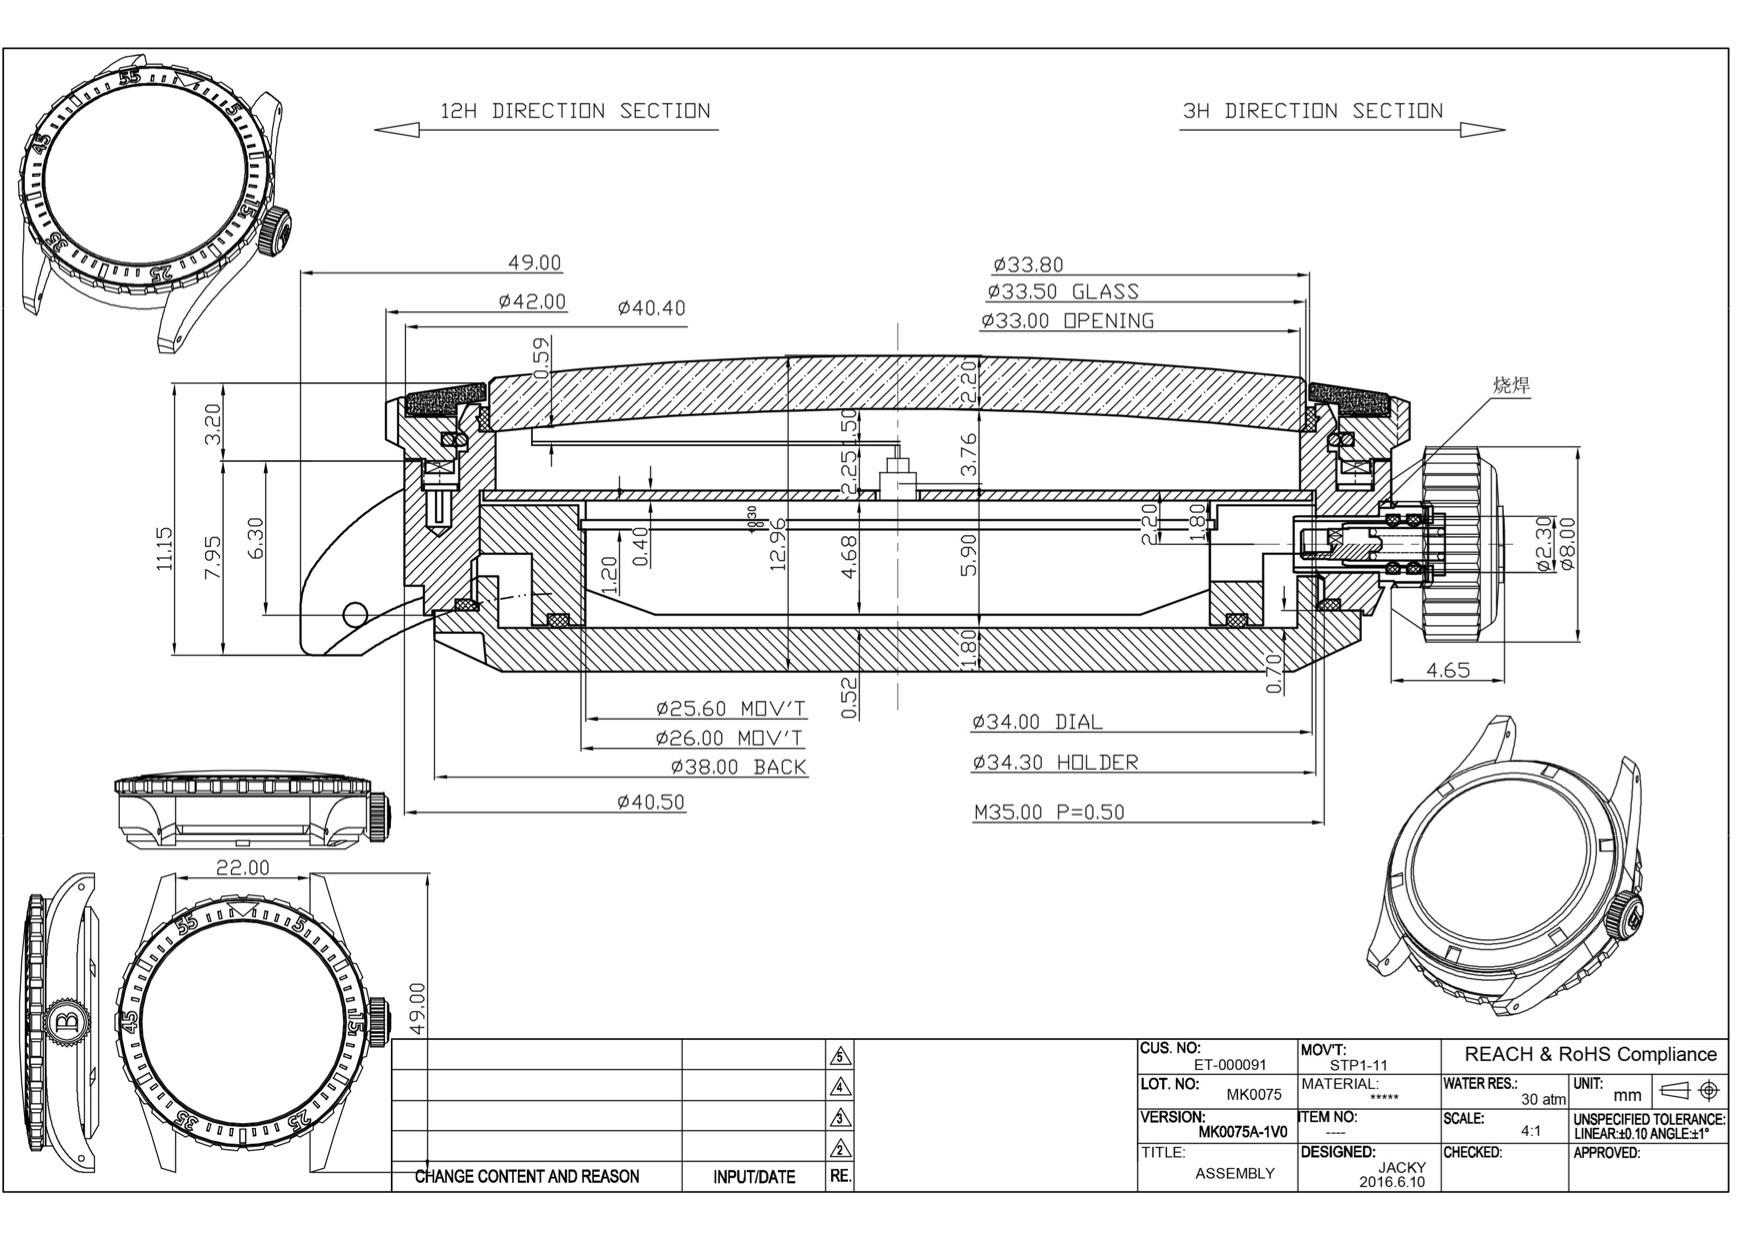 Borealis Cascais Technical Drawing